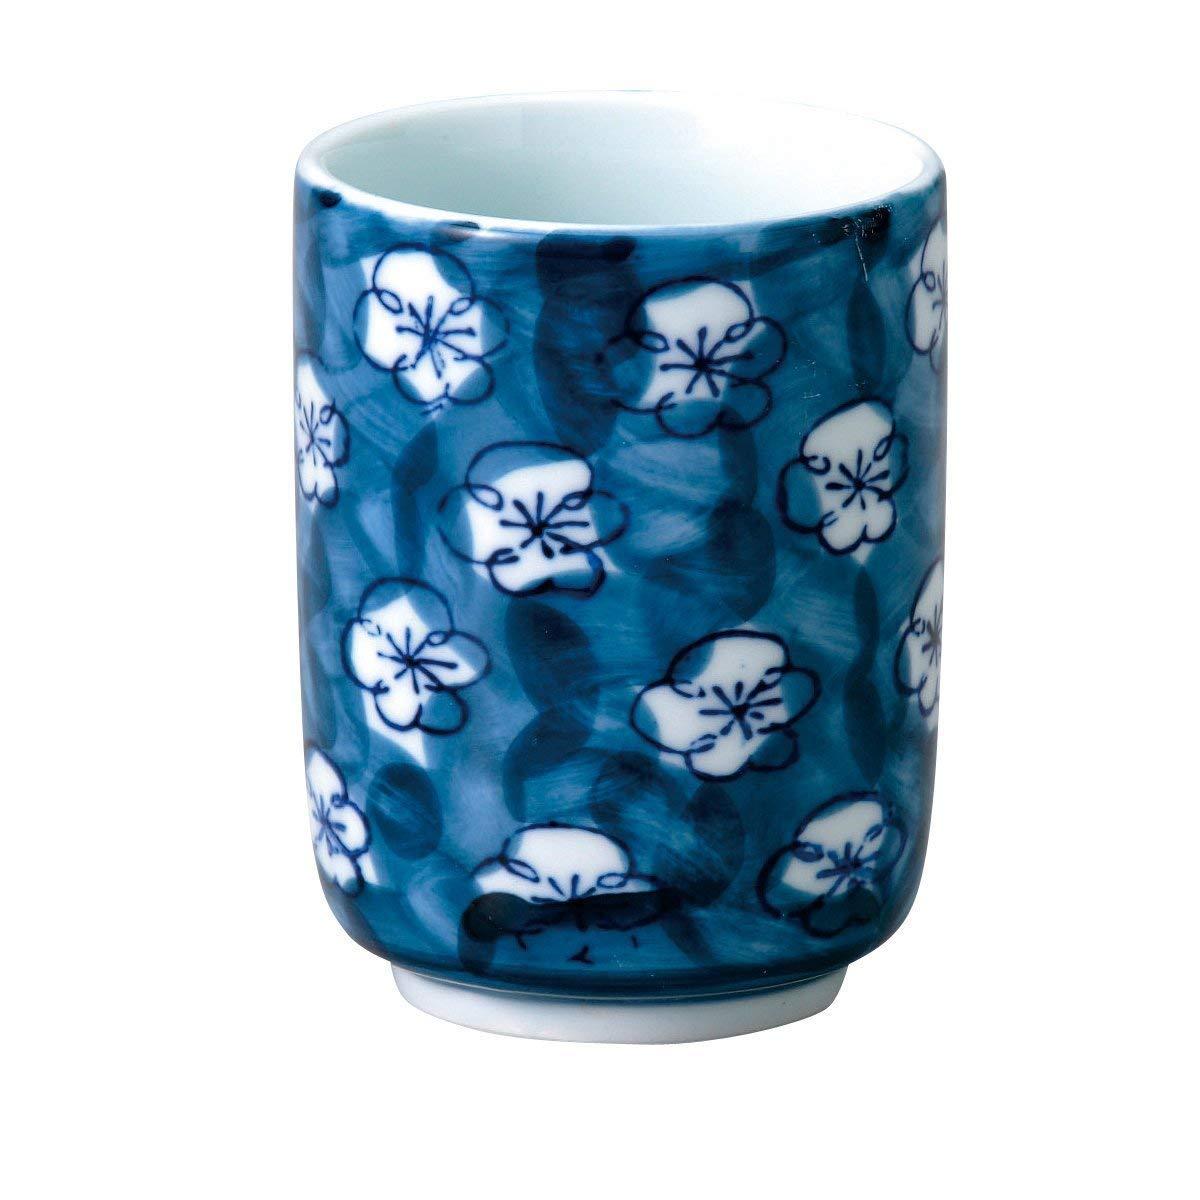 Teacup Plum Teacup 6.2 * 7.8 cm